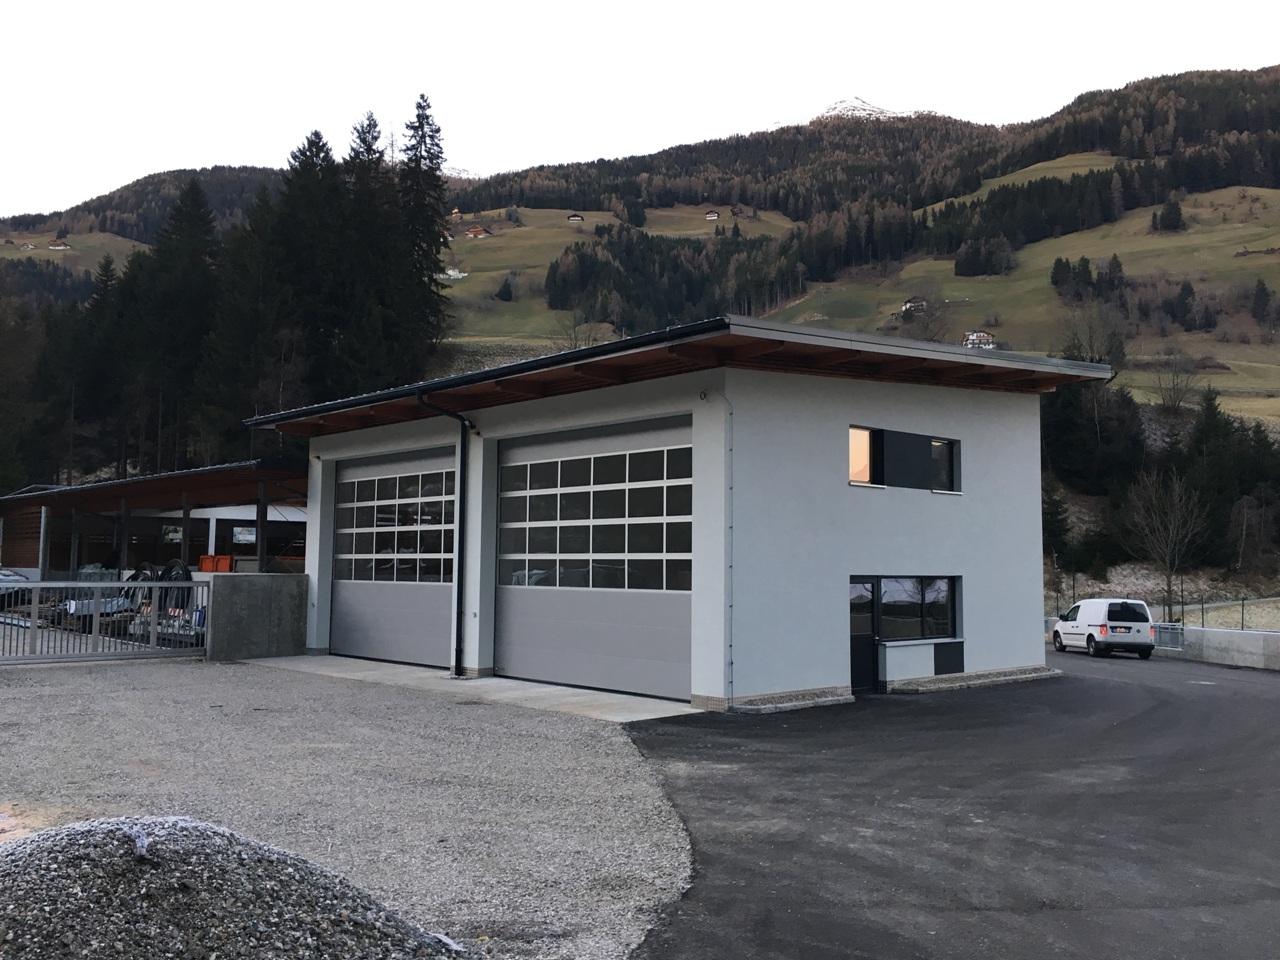 Errichtung des recycling und gemeindebauhofes m hlwald for Piani di costruzione di garage e deposito